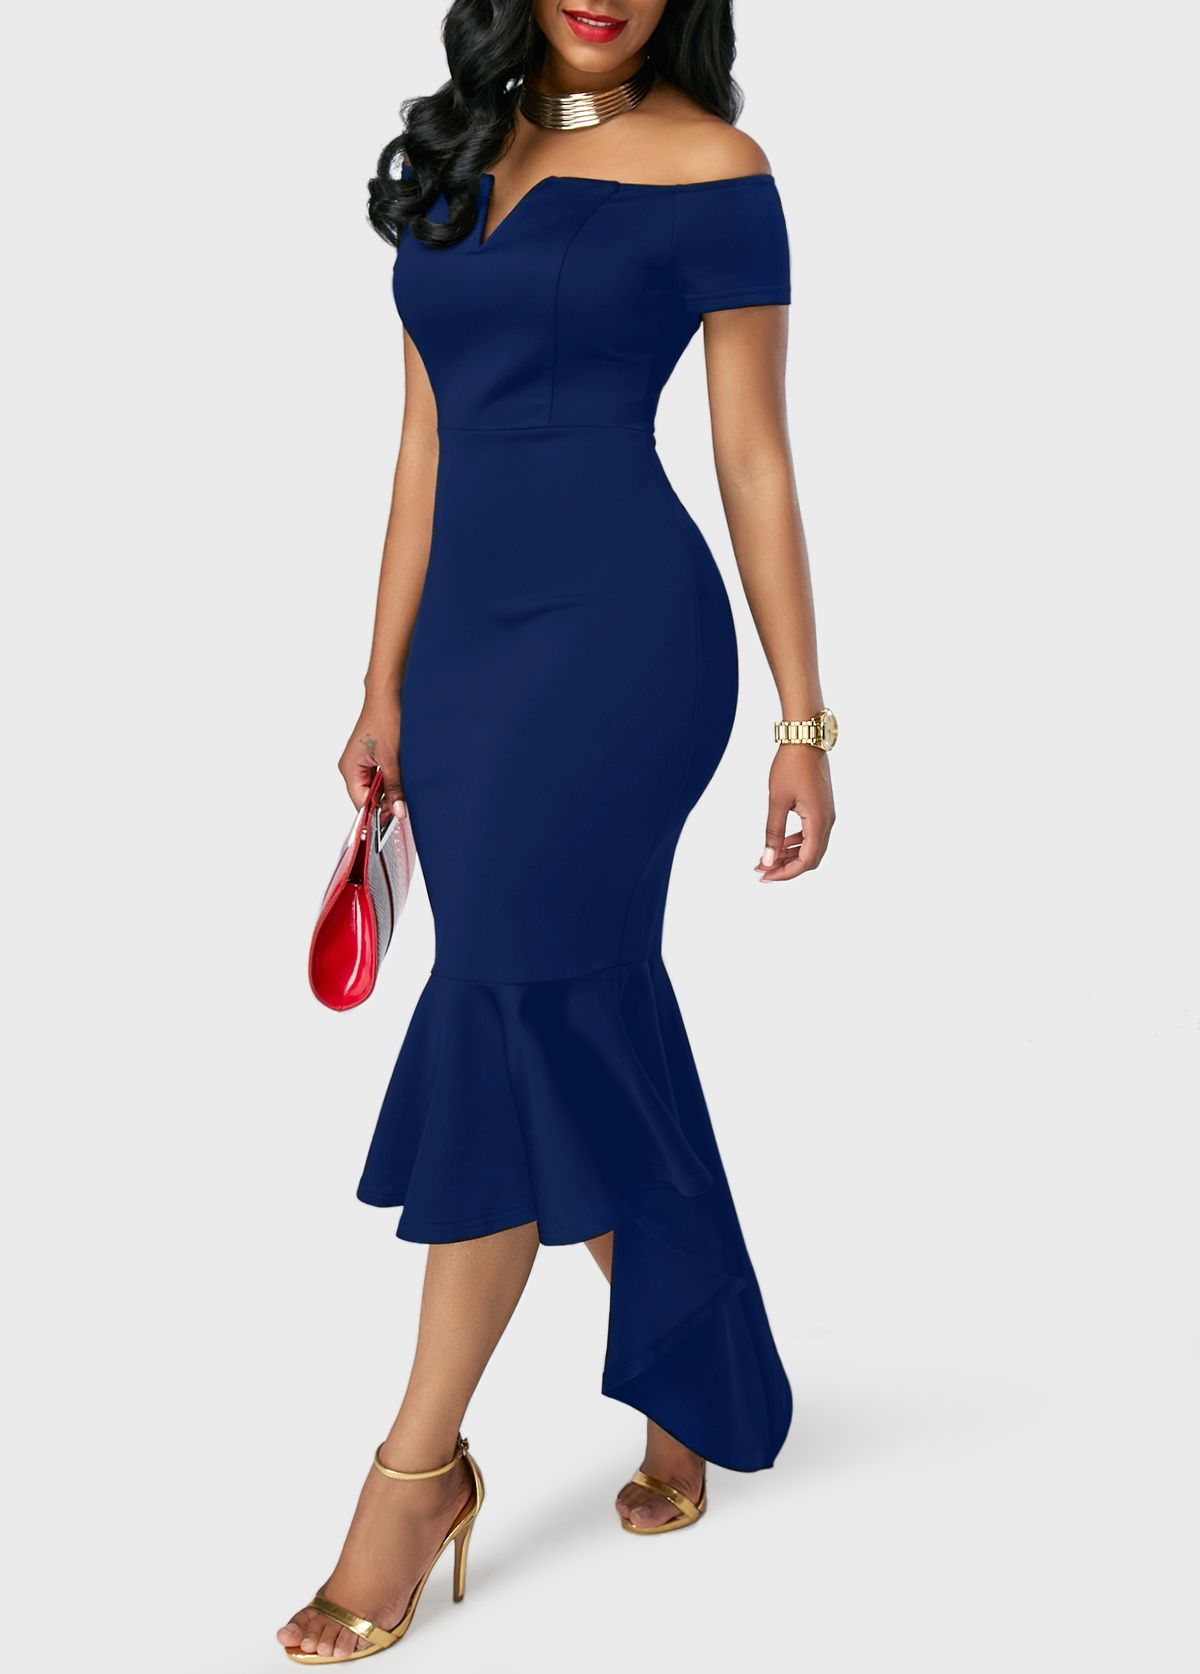 328039022e01e0 Peplum Hem Navy Blue Off the Shoulder Dress